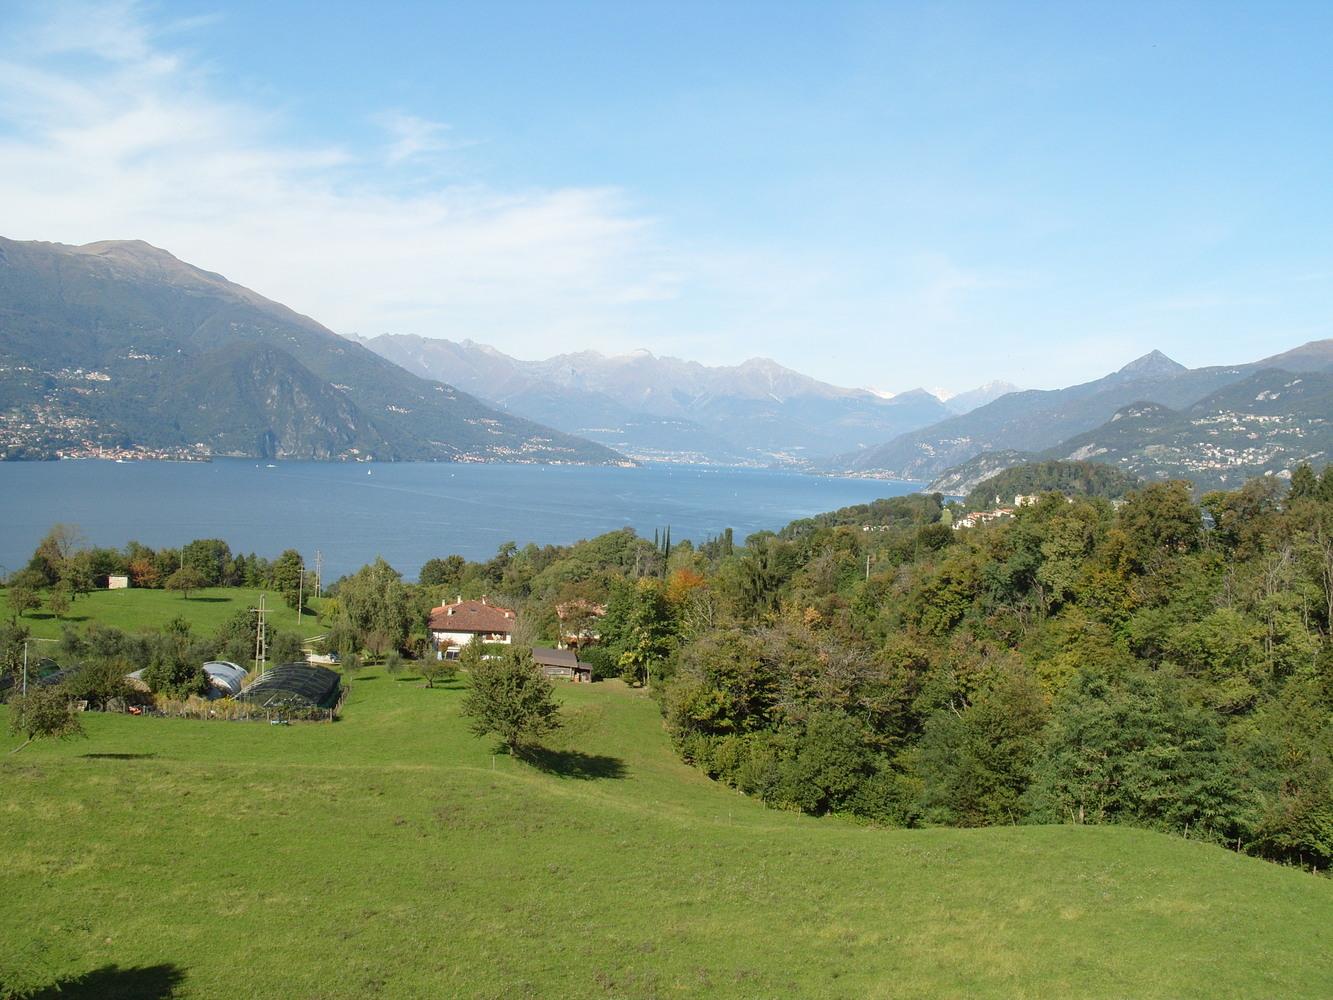 Lombardia: Lago di Como - Il sentiero del viandante